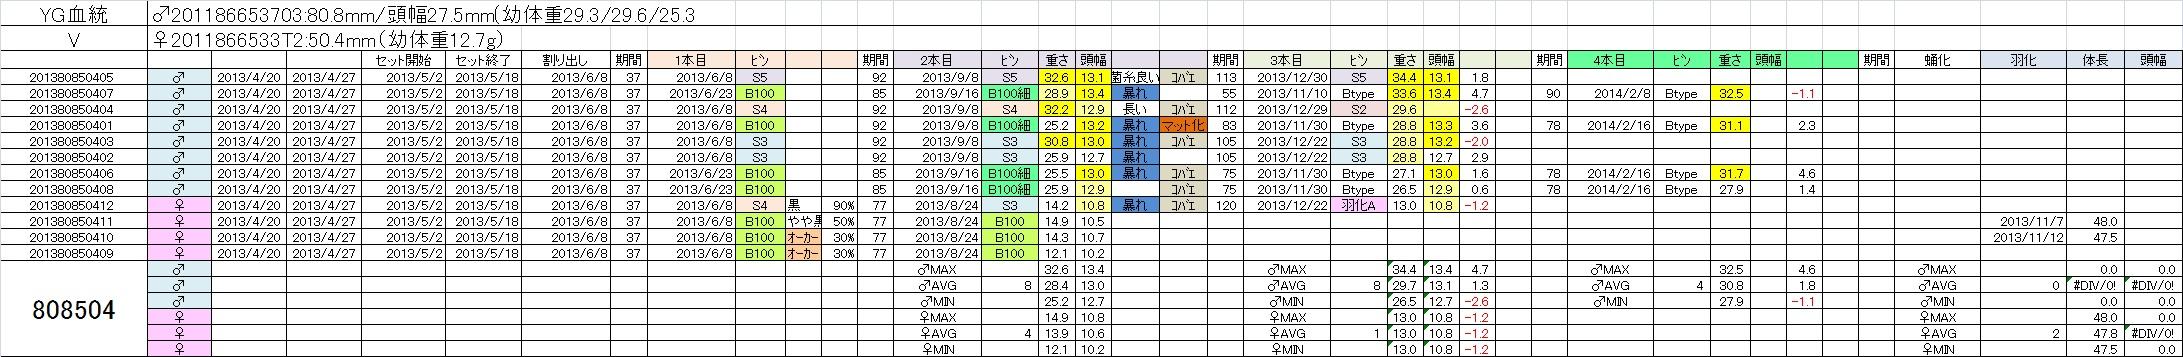 2013808504 4本目